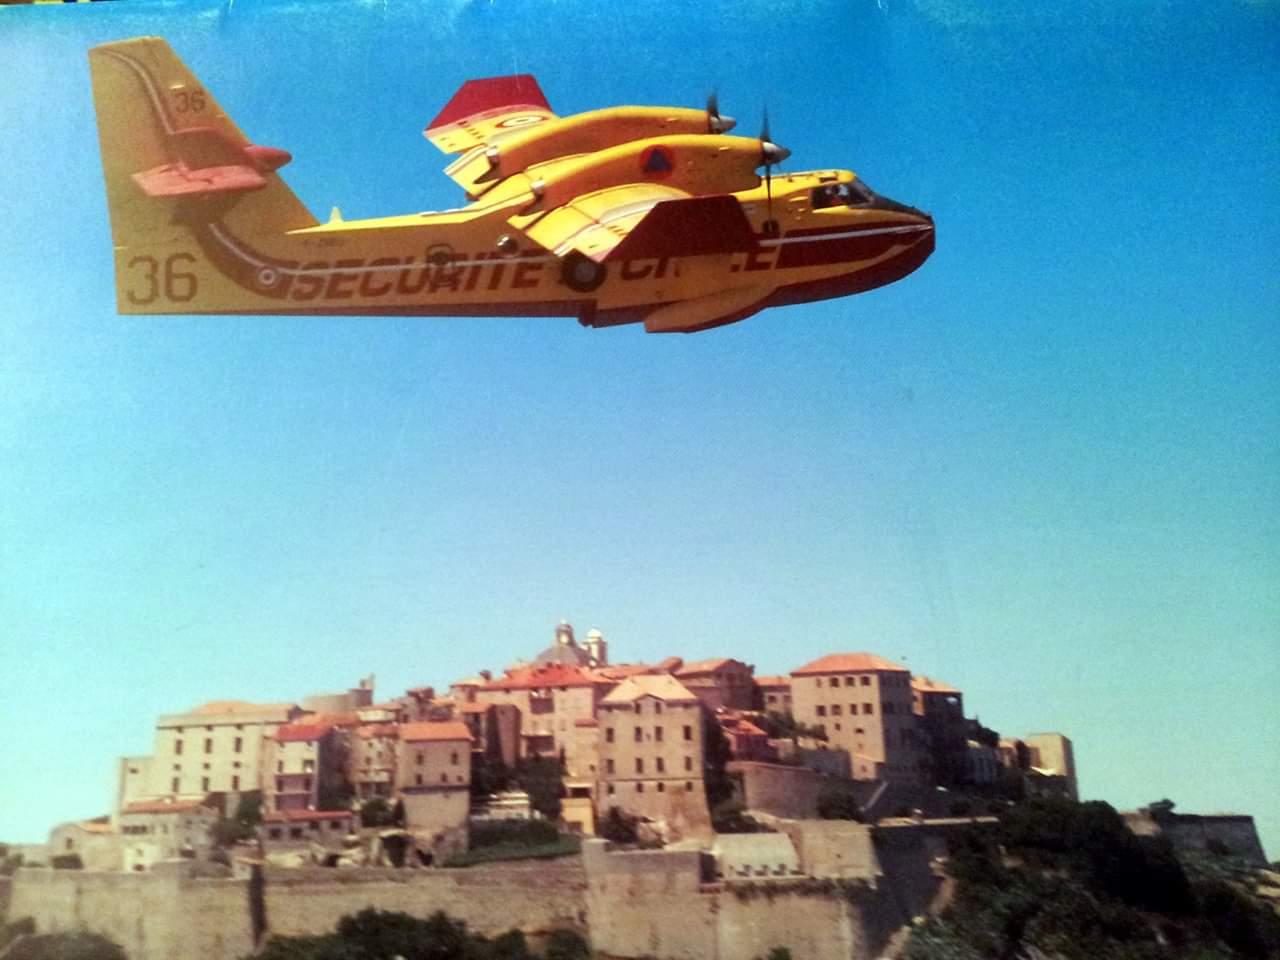 Le 1er Août 2005 le Canadair se disloquait en vol : Cérémonie à Calvi à la mémoire  des pilotes Ludovic Piasentin et Jean-Louis de Bénédict